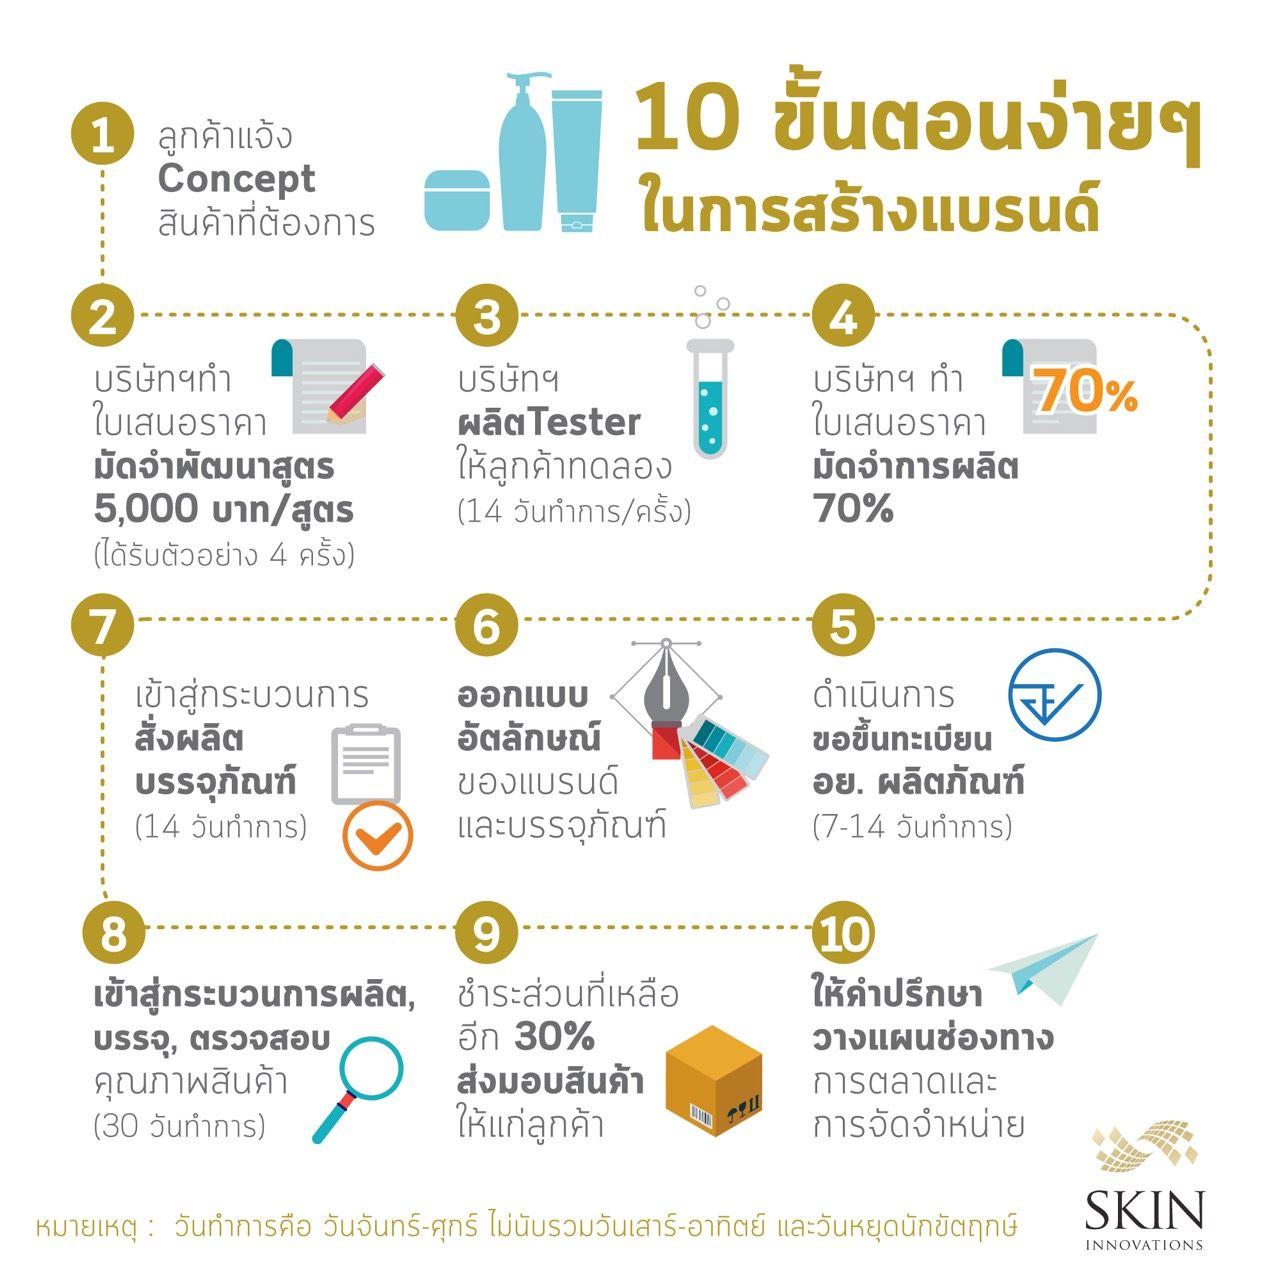 10 ขั้นตอนง่ายๆในการสร้างแบรนด์ Skin innovations